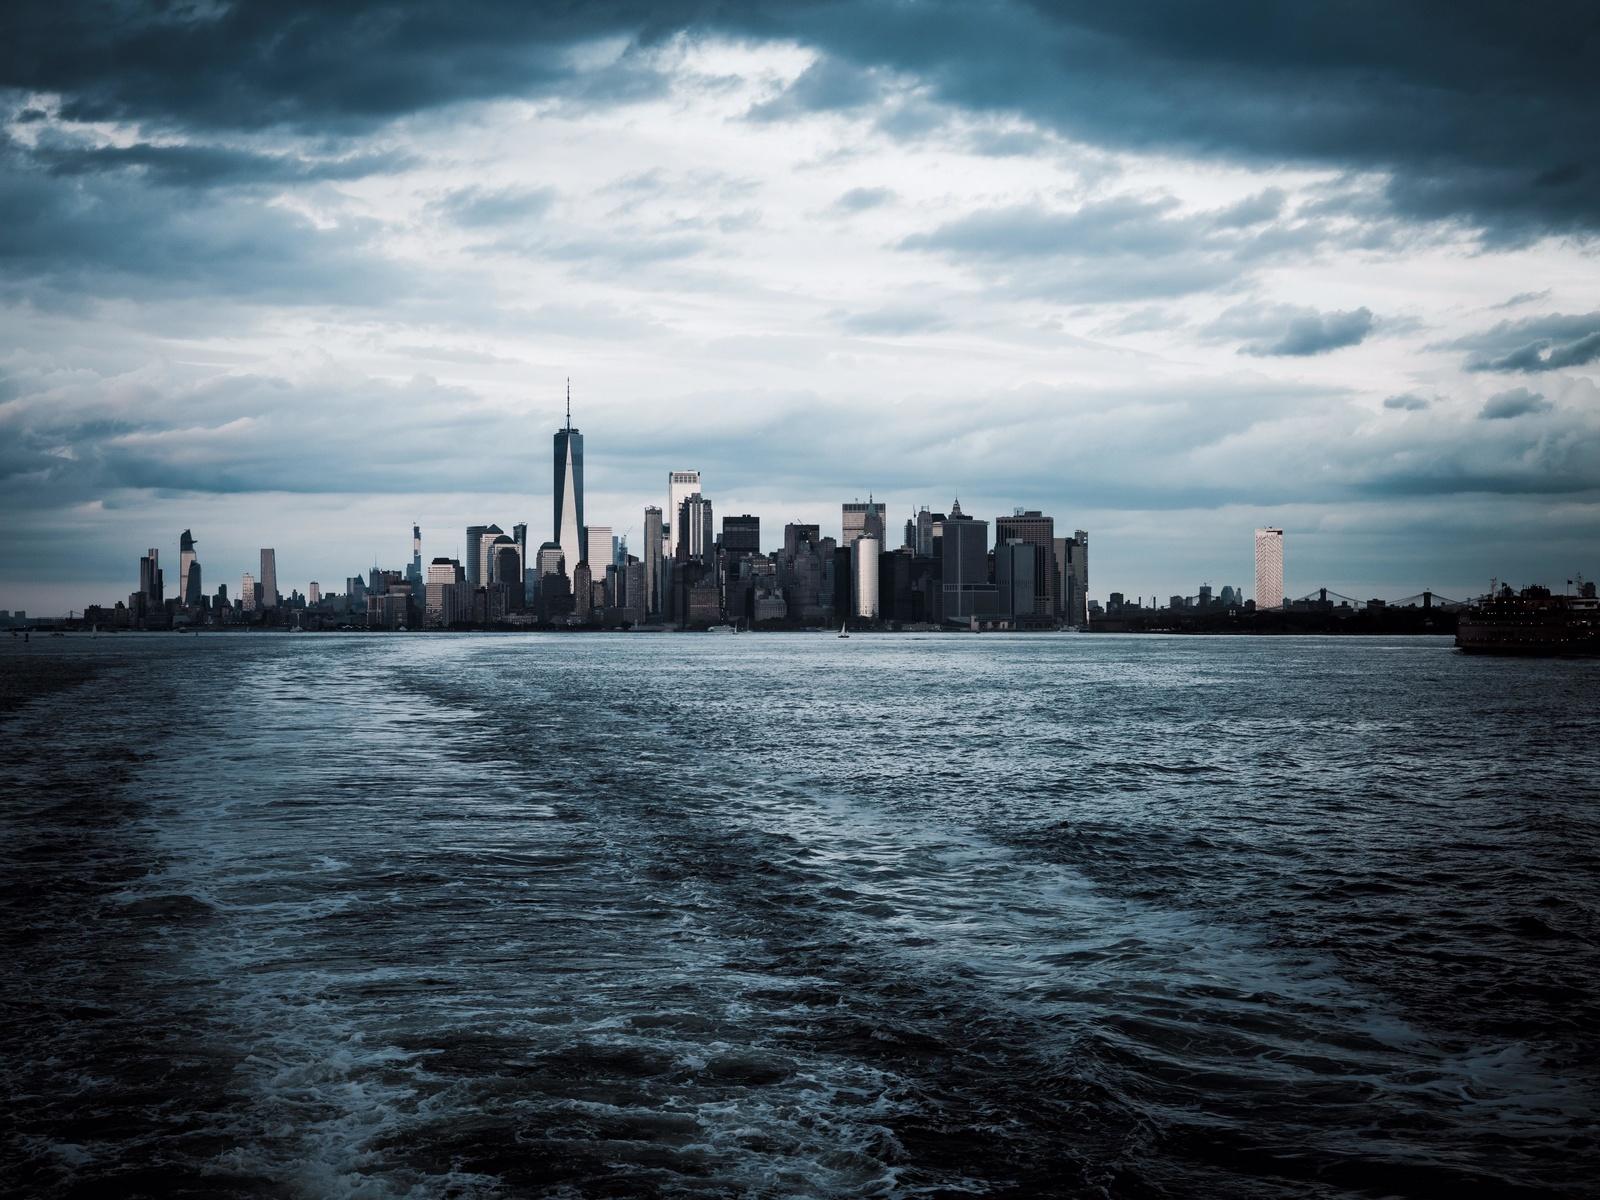 город, вода, башня, горизонт